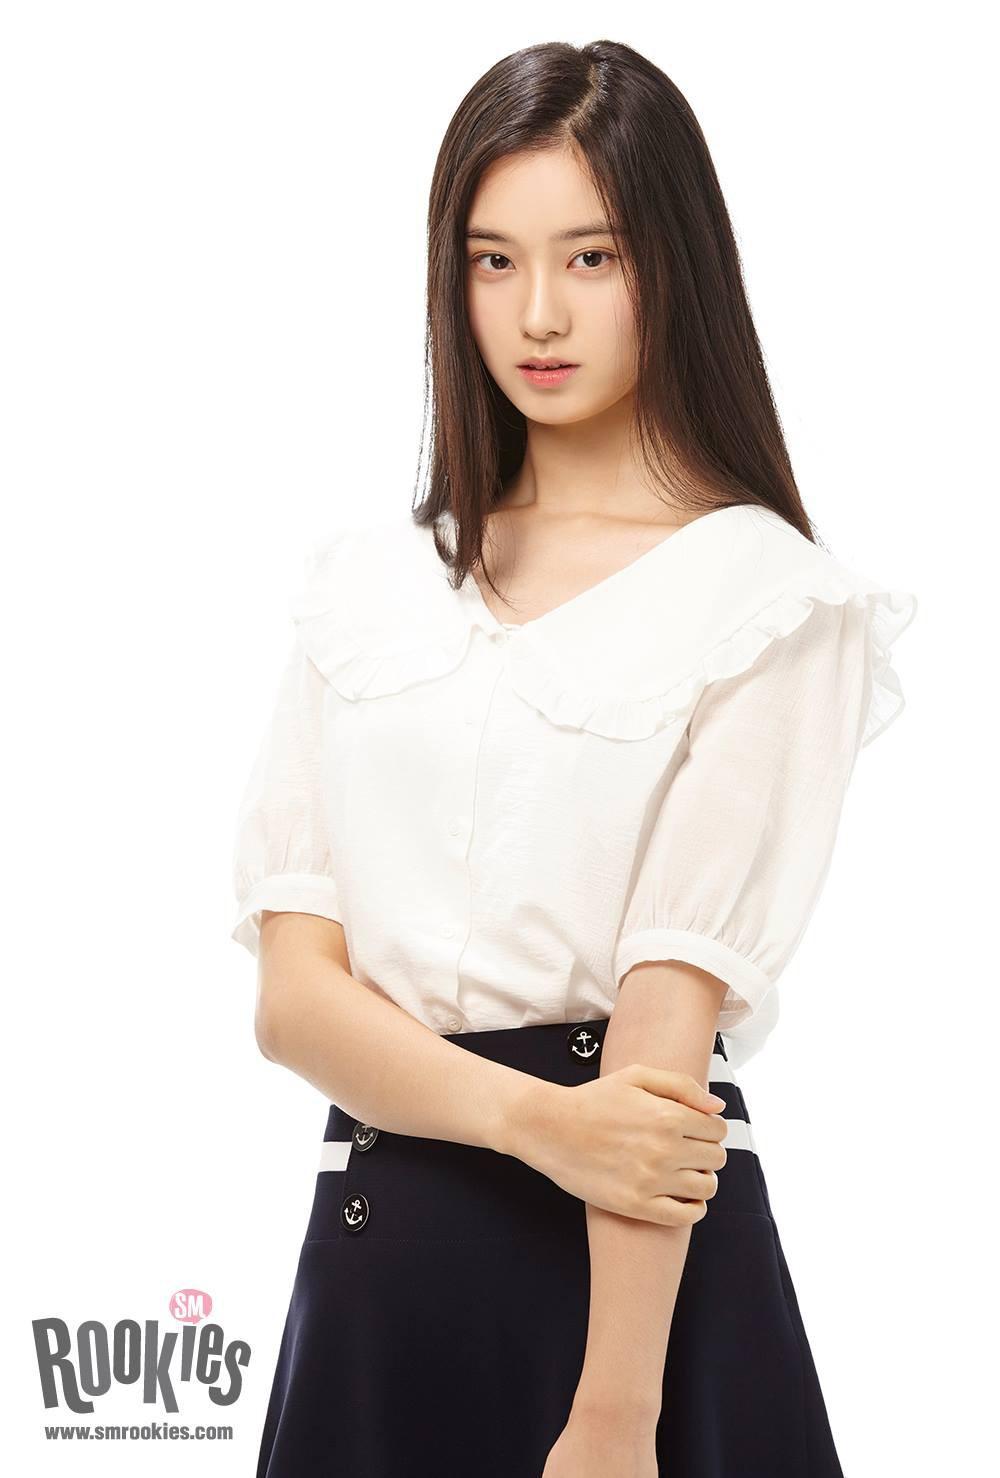 Dàn thực tập sinh nhà SM từng gây nổ MXH vì đẹp cực phẩm: Người debut vẫn mất hút, kẻ thực tập 9 năm vẫn bị ém - Ảnh 13.